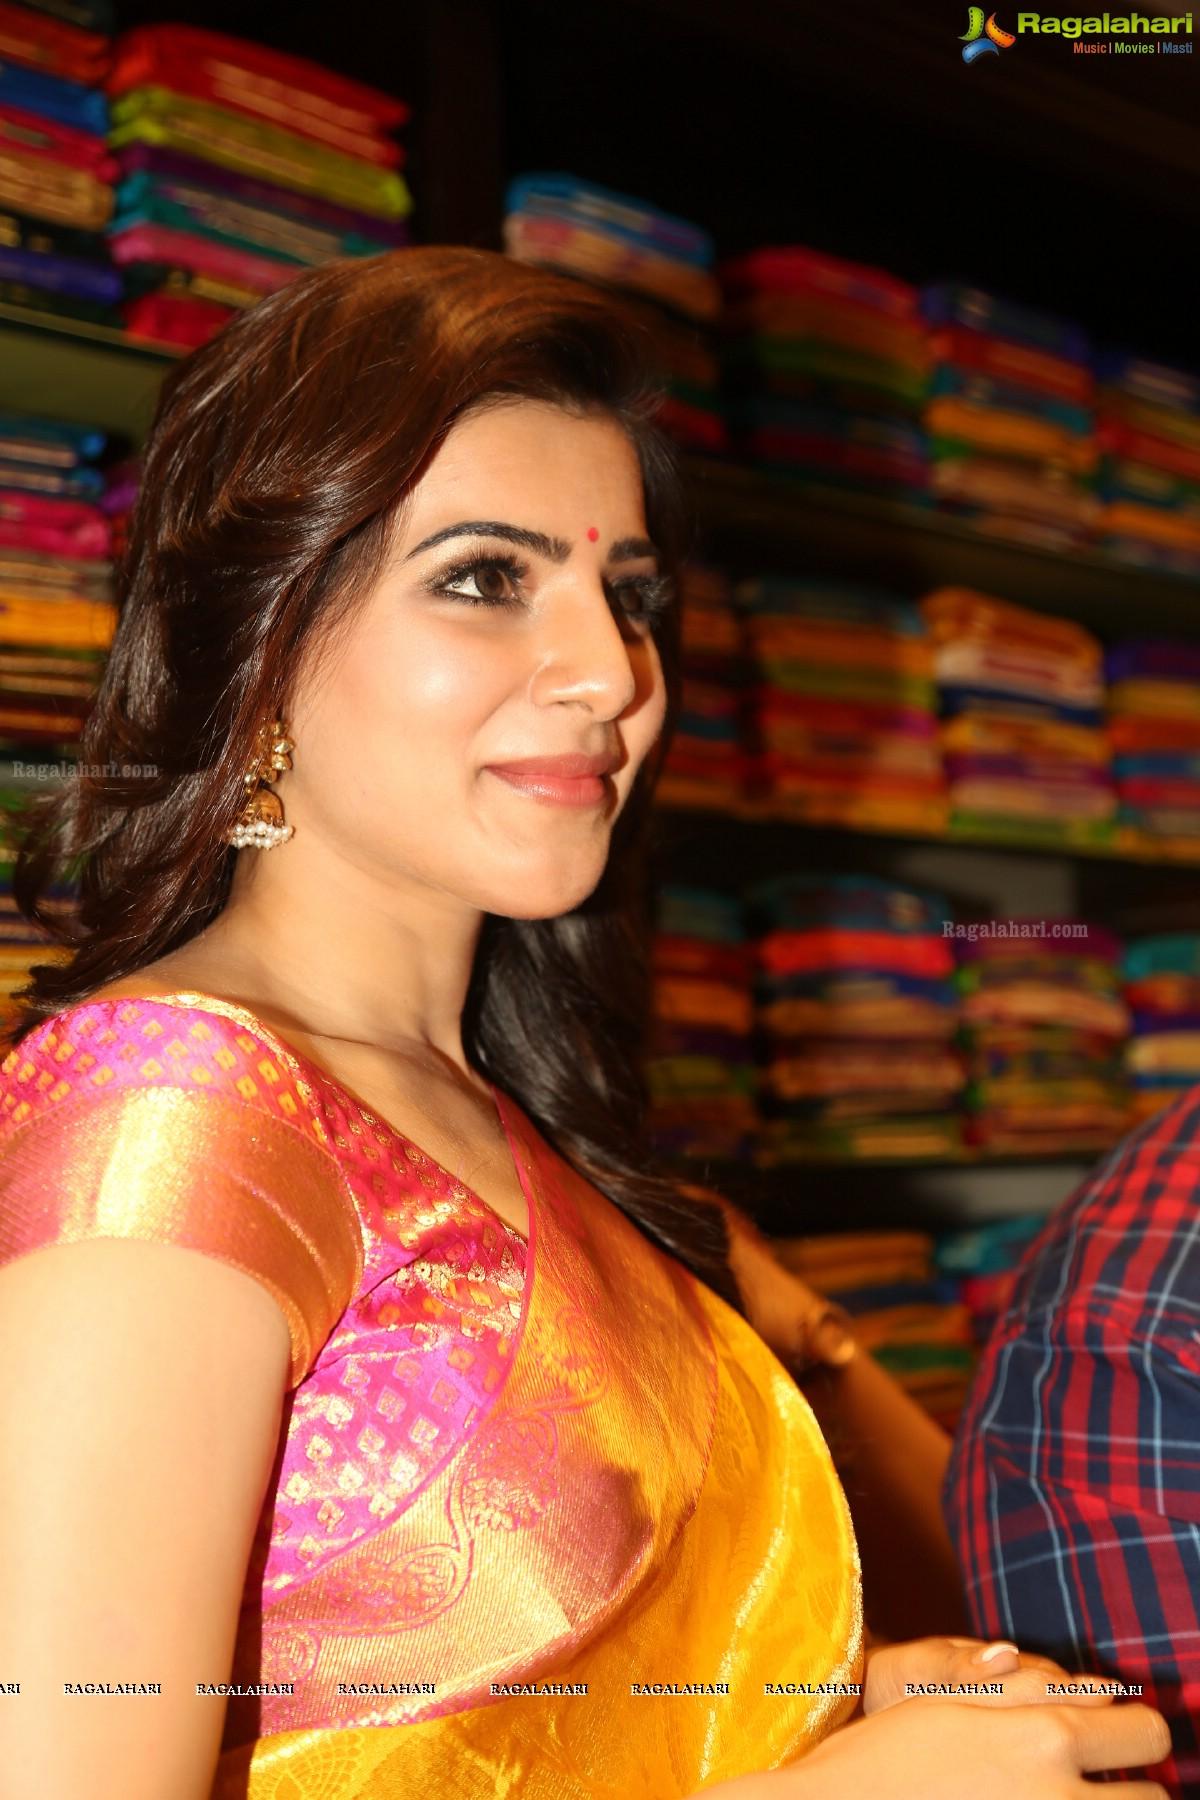 samantha ruth prabhu image 11 | beautiful tollywood actress photos